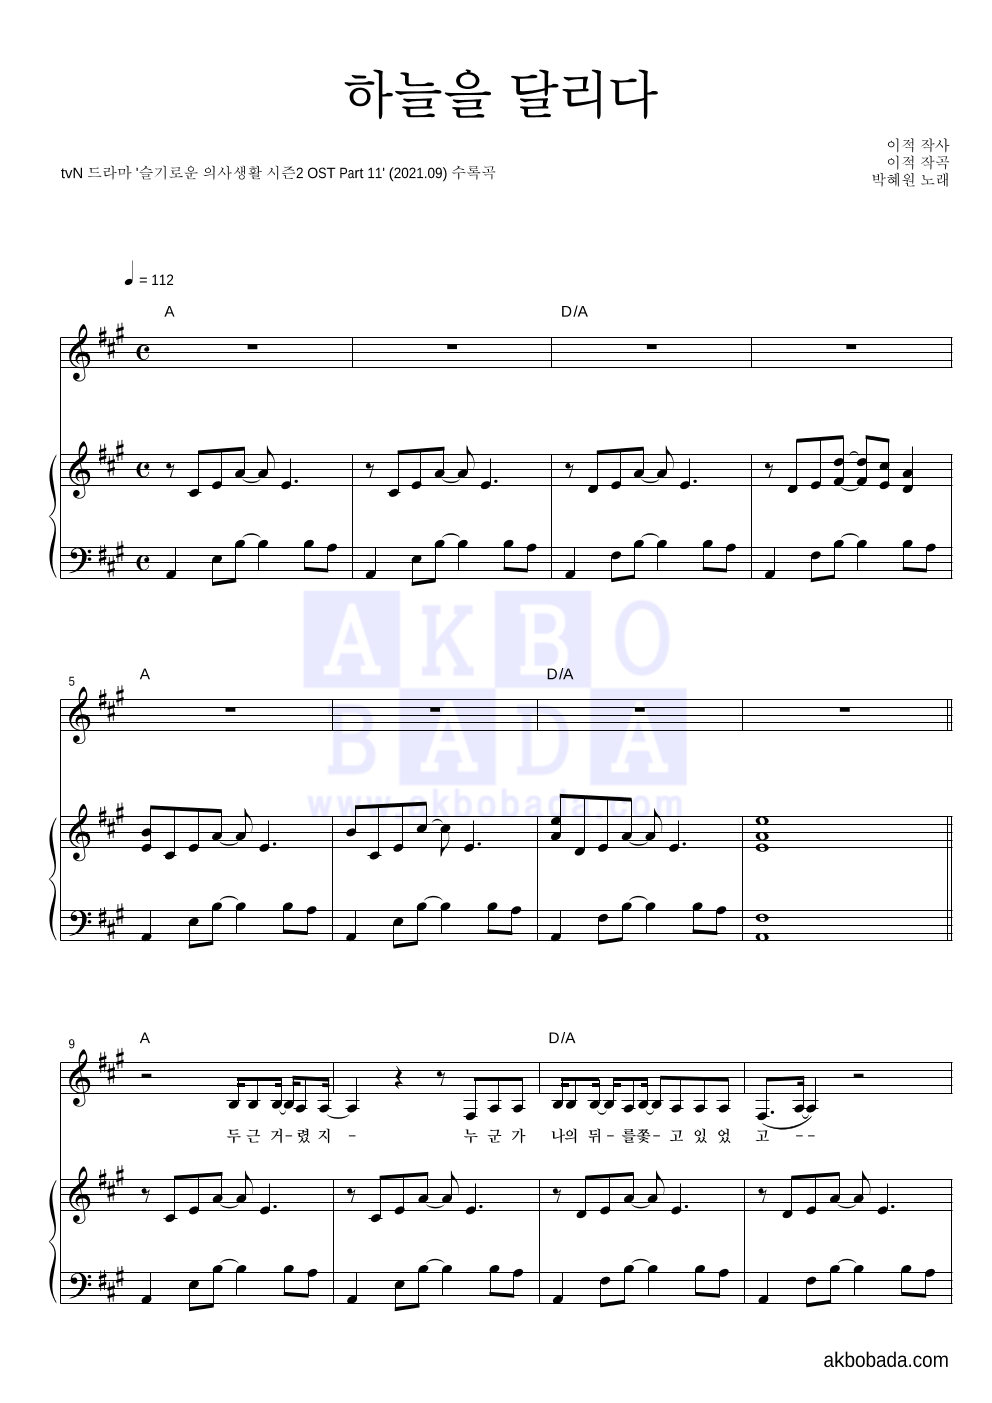 박혜원 - 하늘을 달리다 피아노 3단 악보